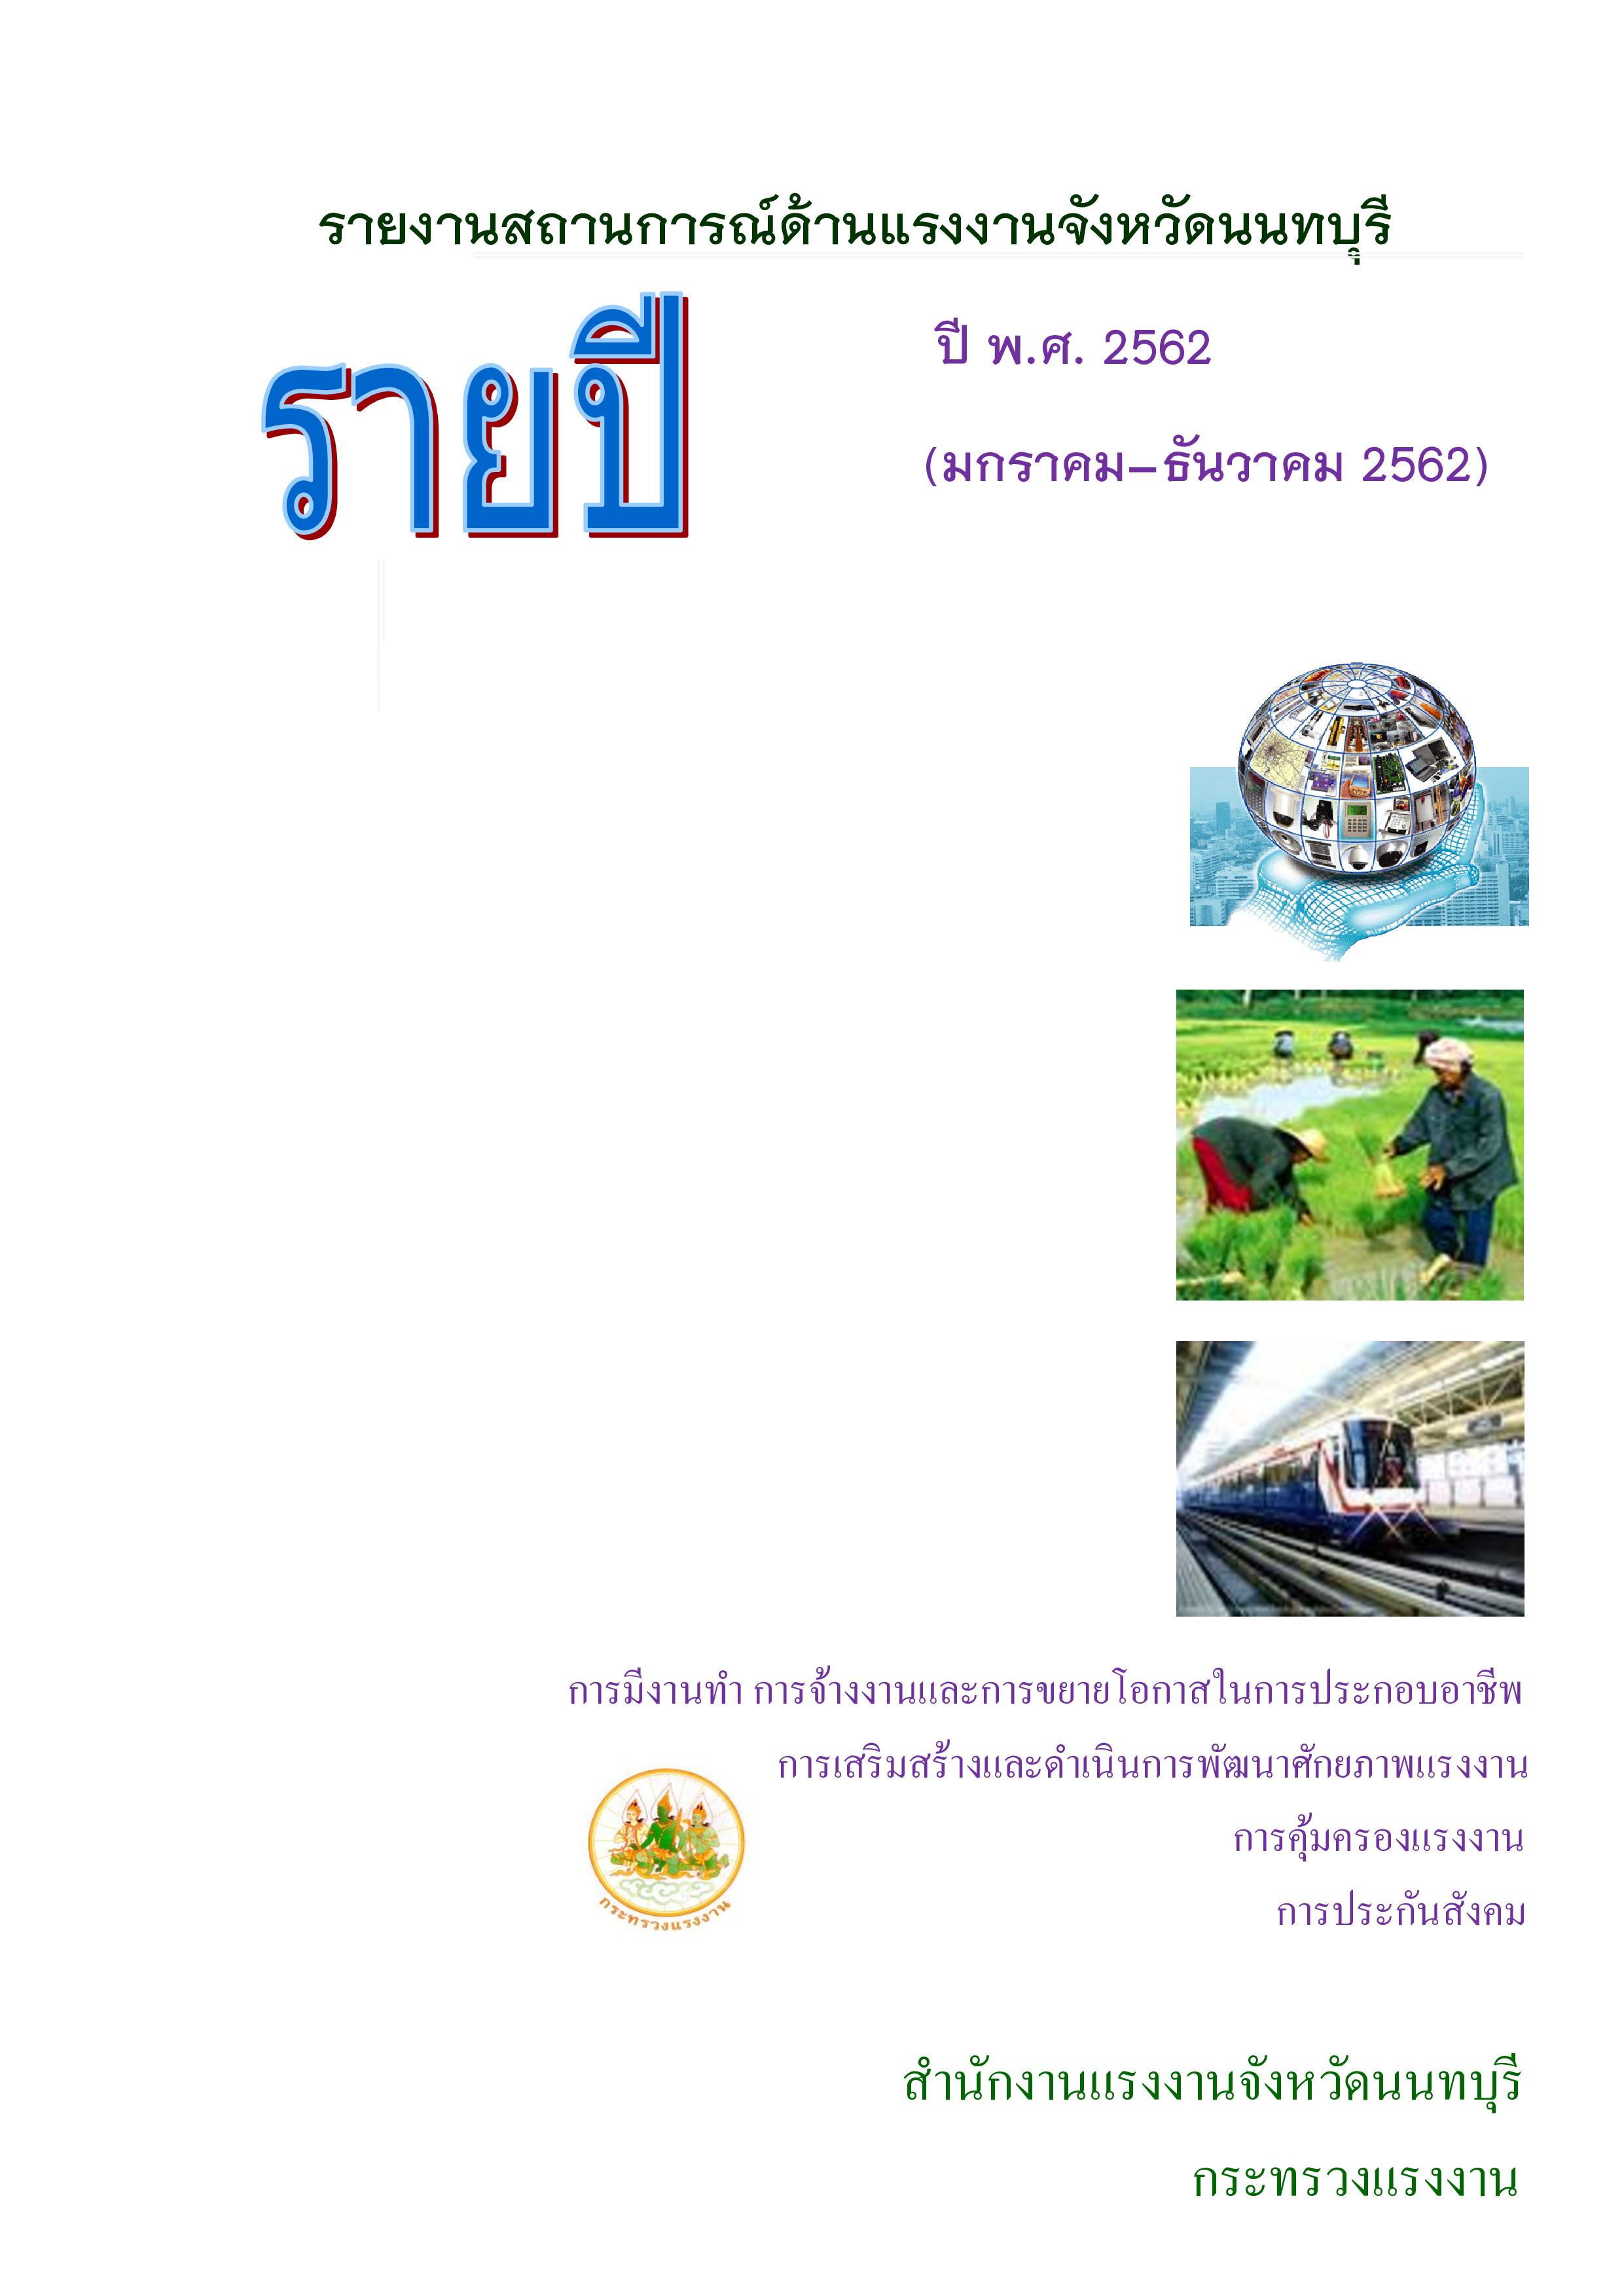 รายงานสถานการณ์ด้านแรงงาน จังหวัดนนทบุรี รายปี พ.ศ. 2562 (มกราคม – ธันวาคม)